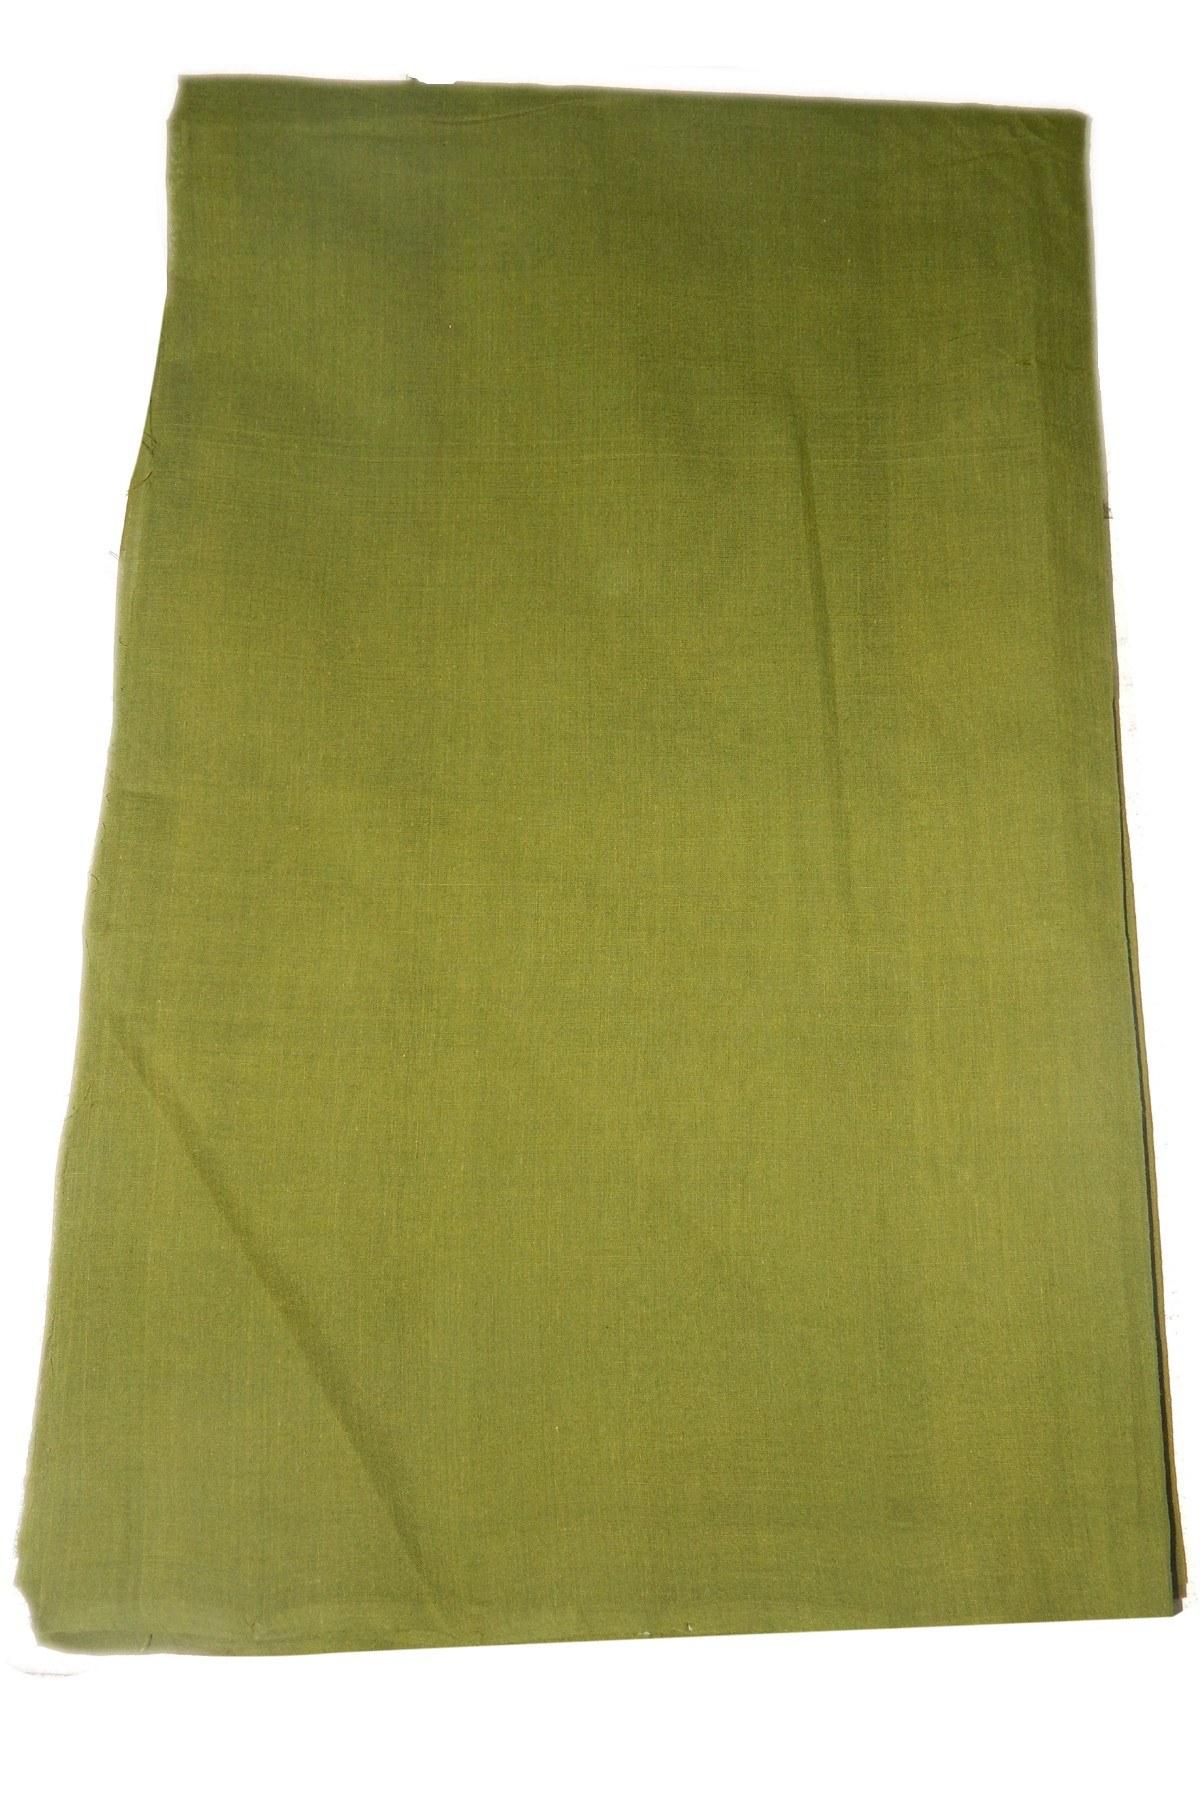 Handloom Fabric is Used